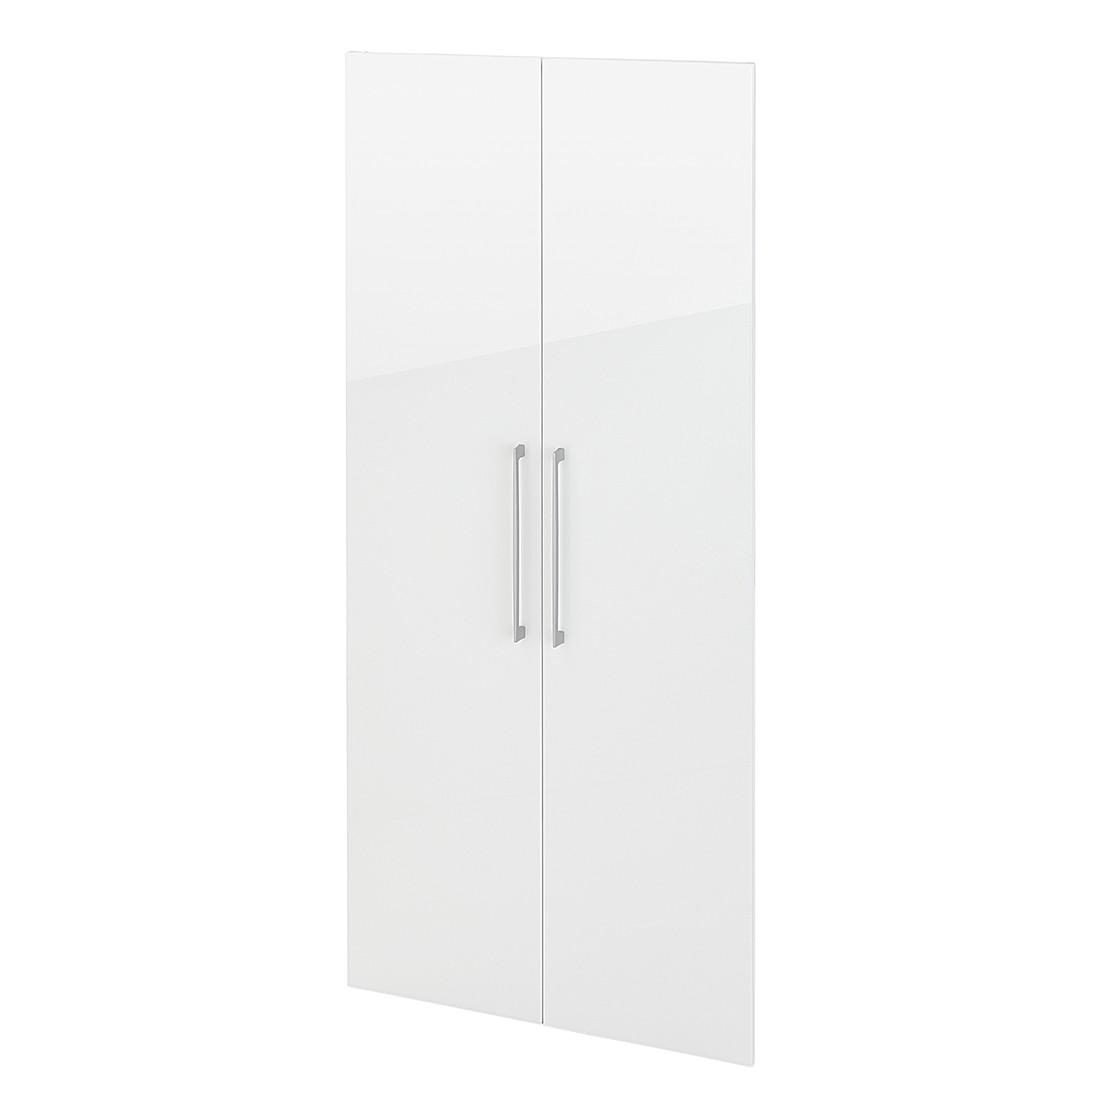 Türenpaar Zeta (176 cm hoch) – Weiß, home24office günstig kaufen